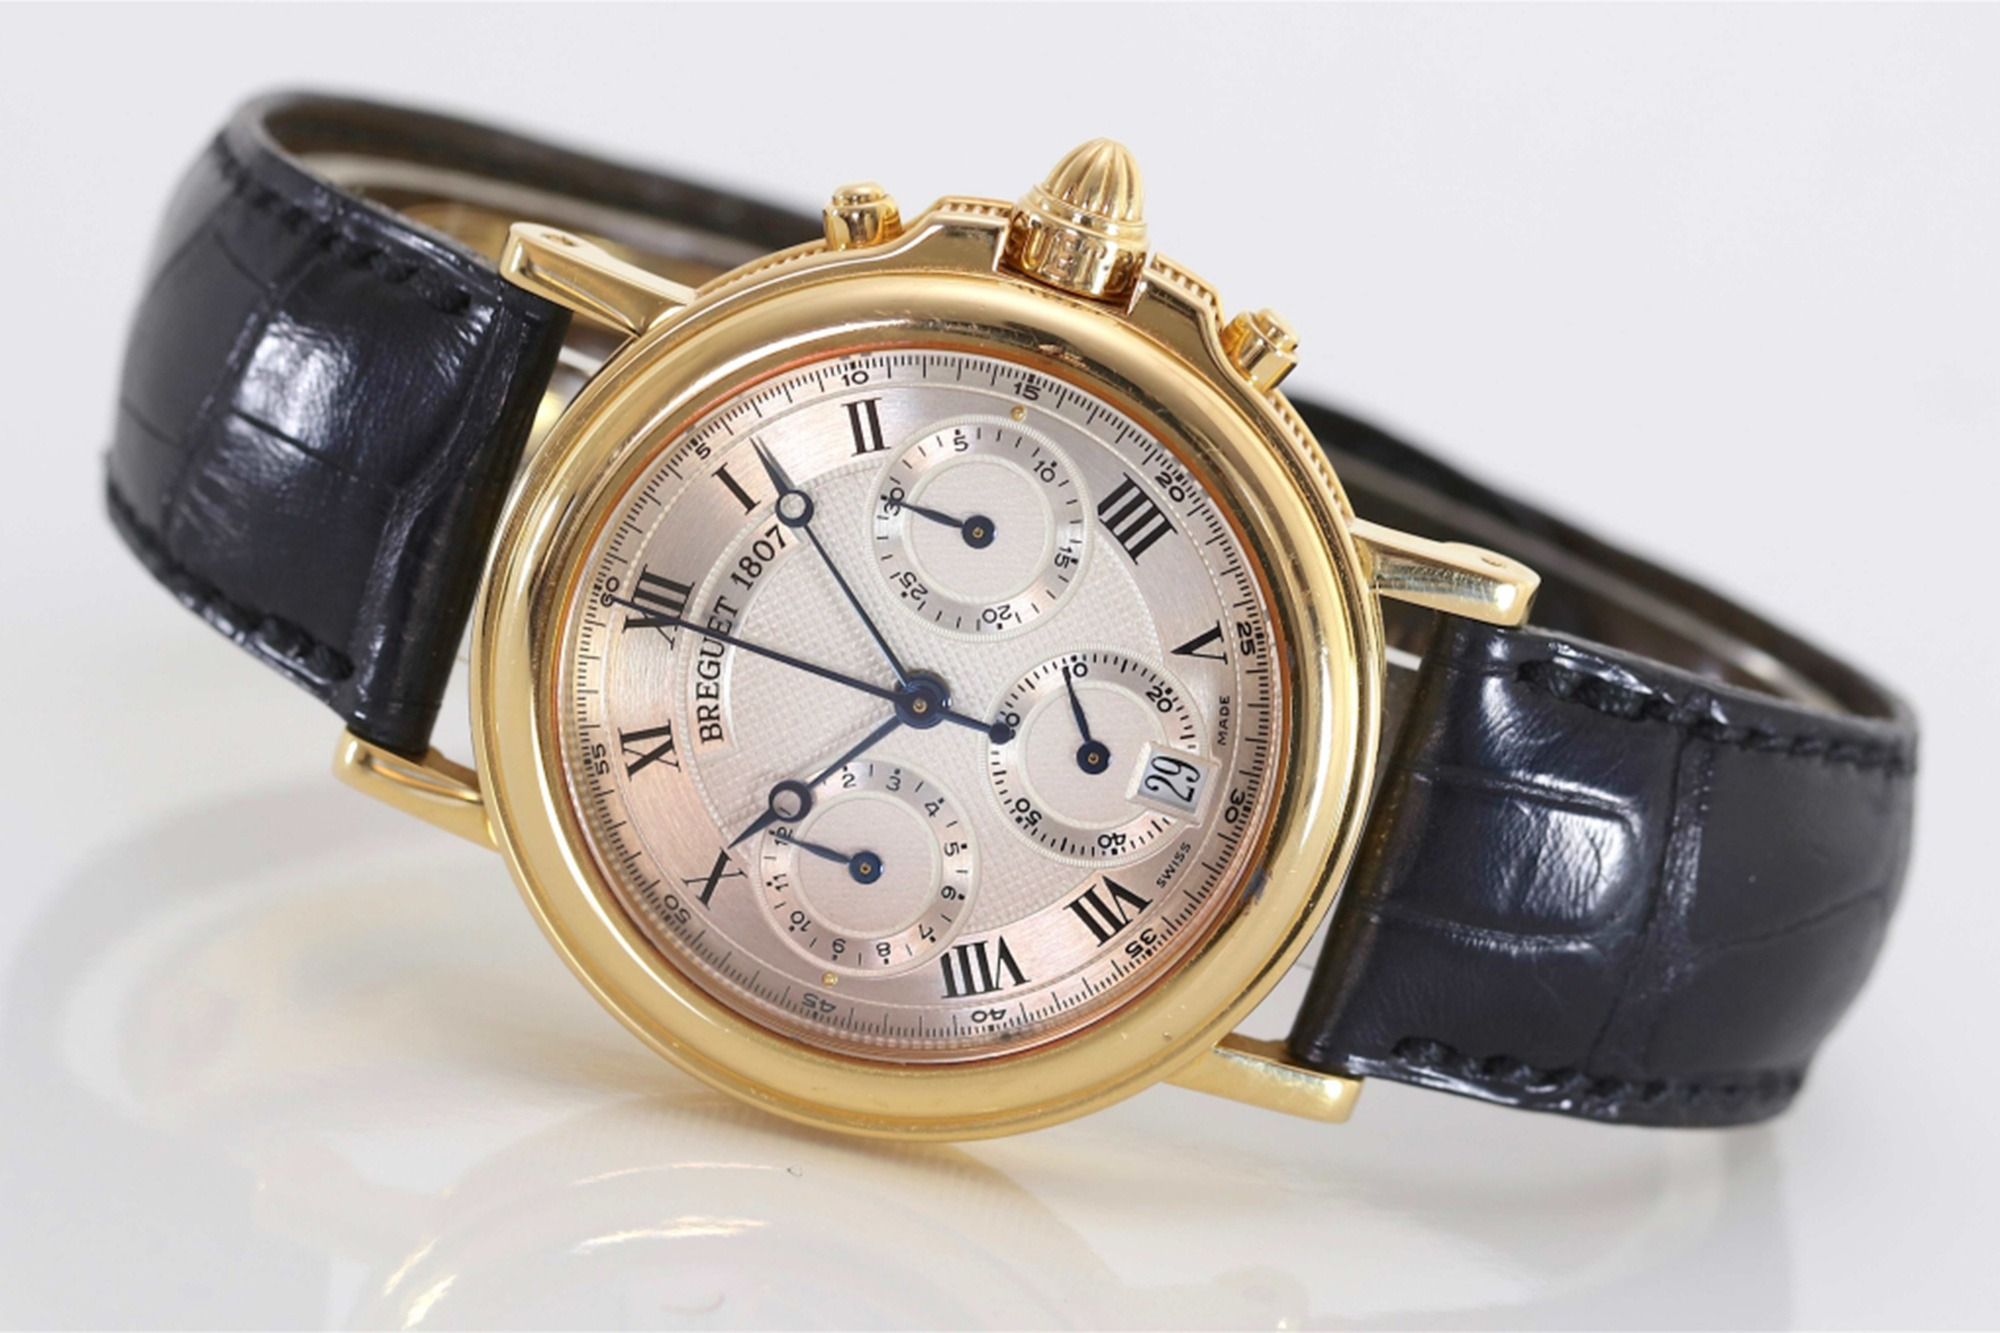 Breguet - Marine chronographe des années 1990